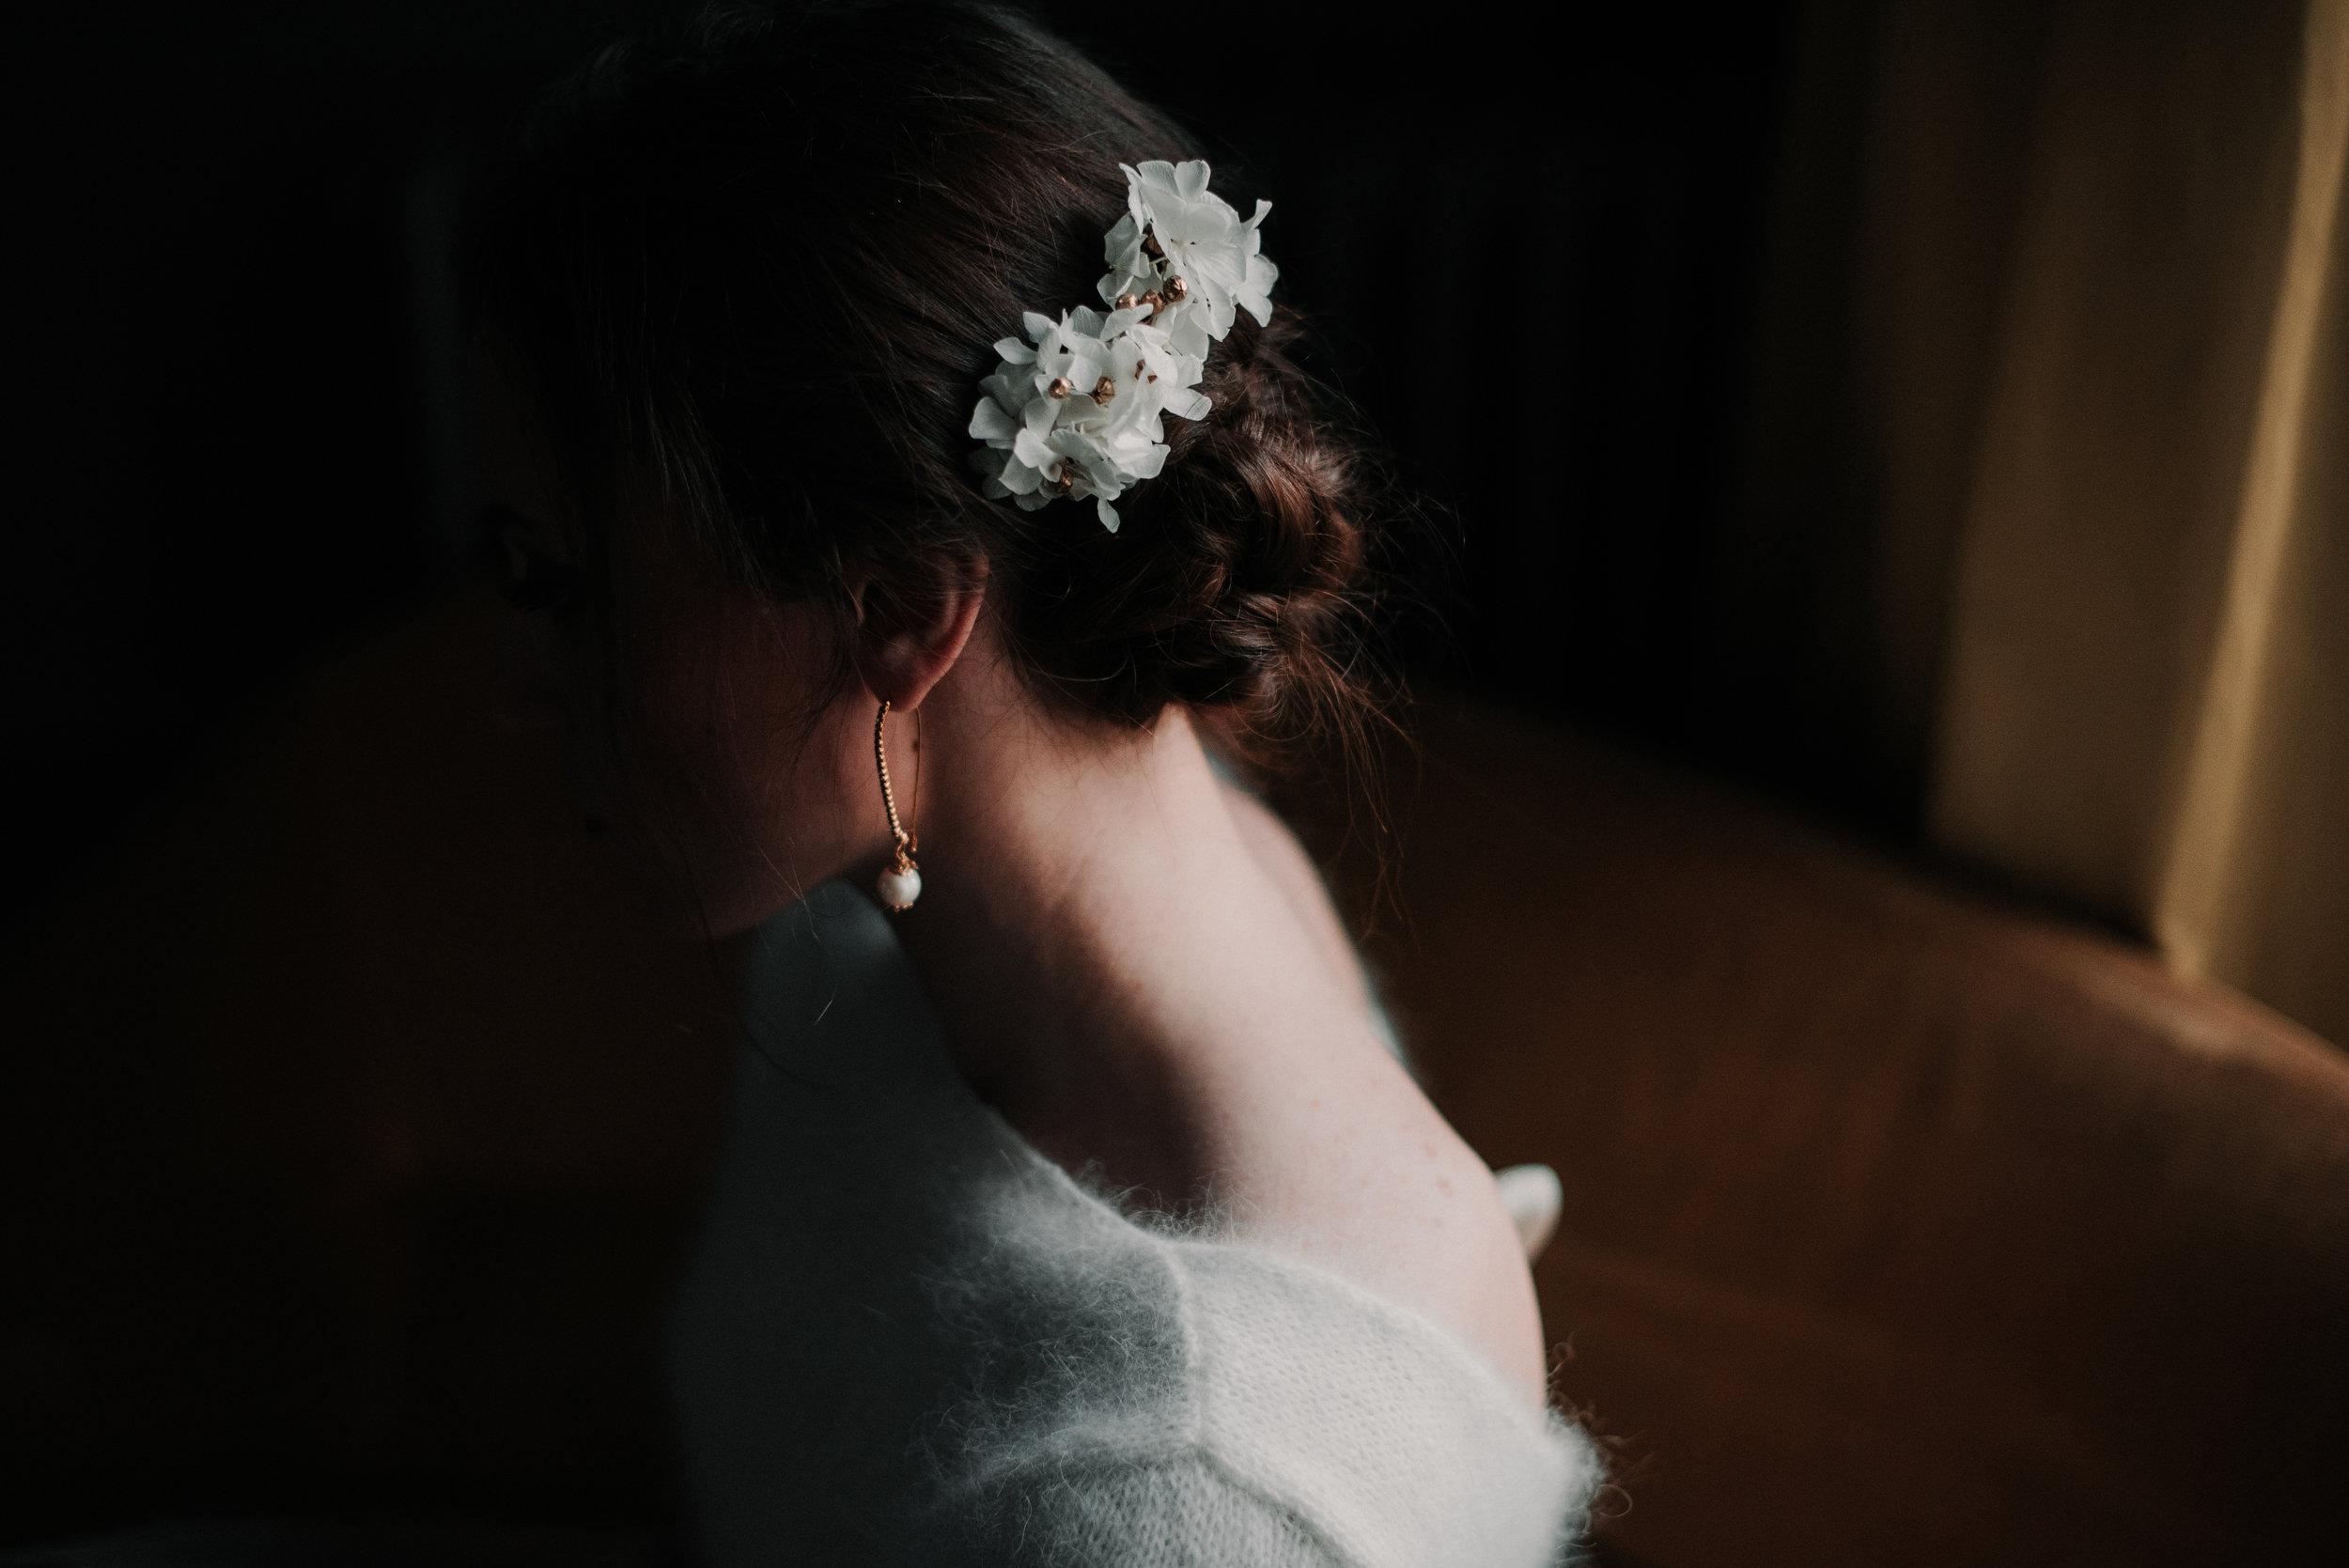 Léa-Fery-photographe-professionnel-lyon-rhone-alpes-portrait-creation-mariage-evenement-evenementiel-famille-3833.jpg